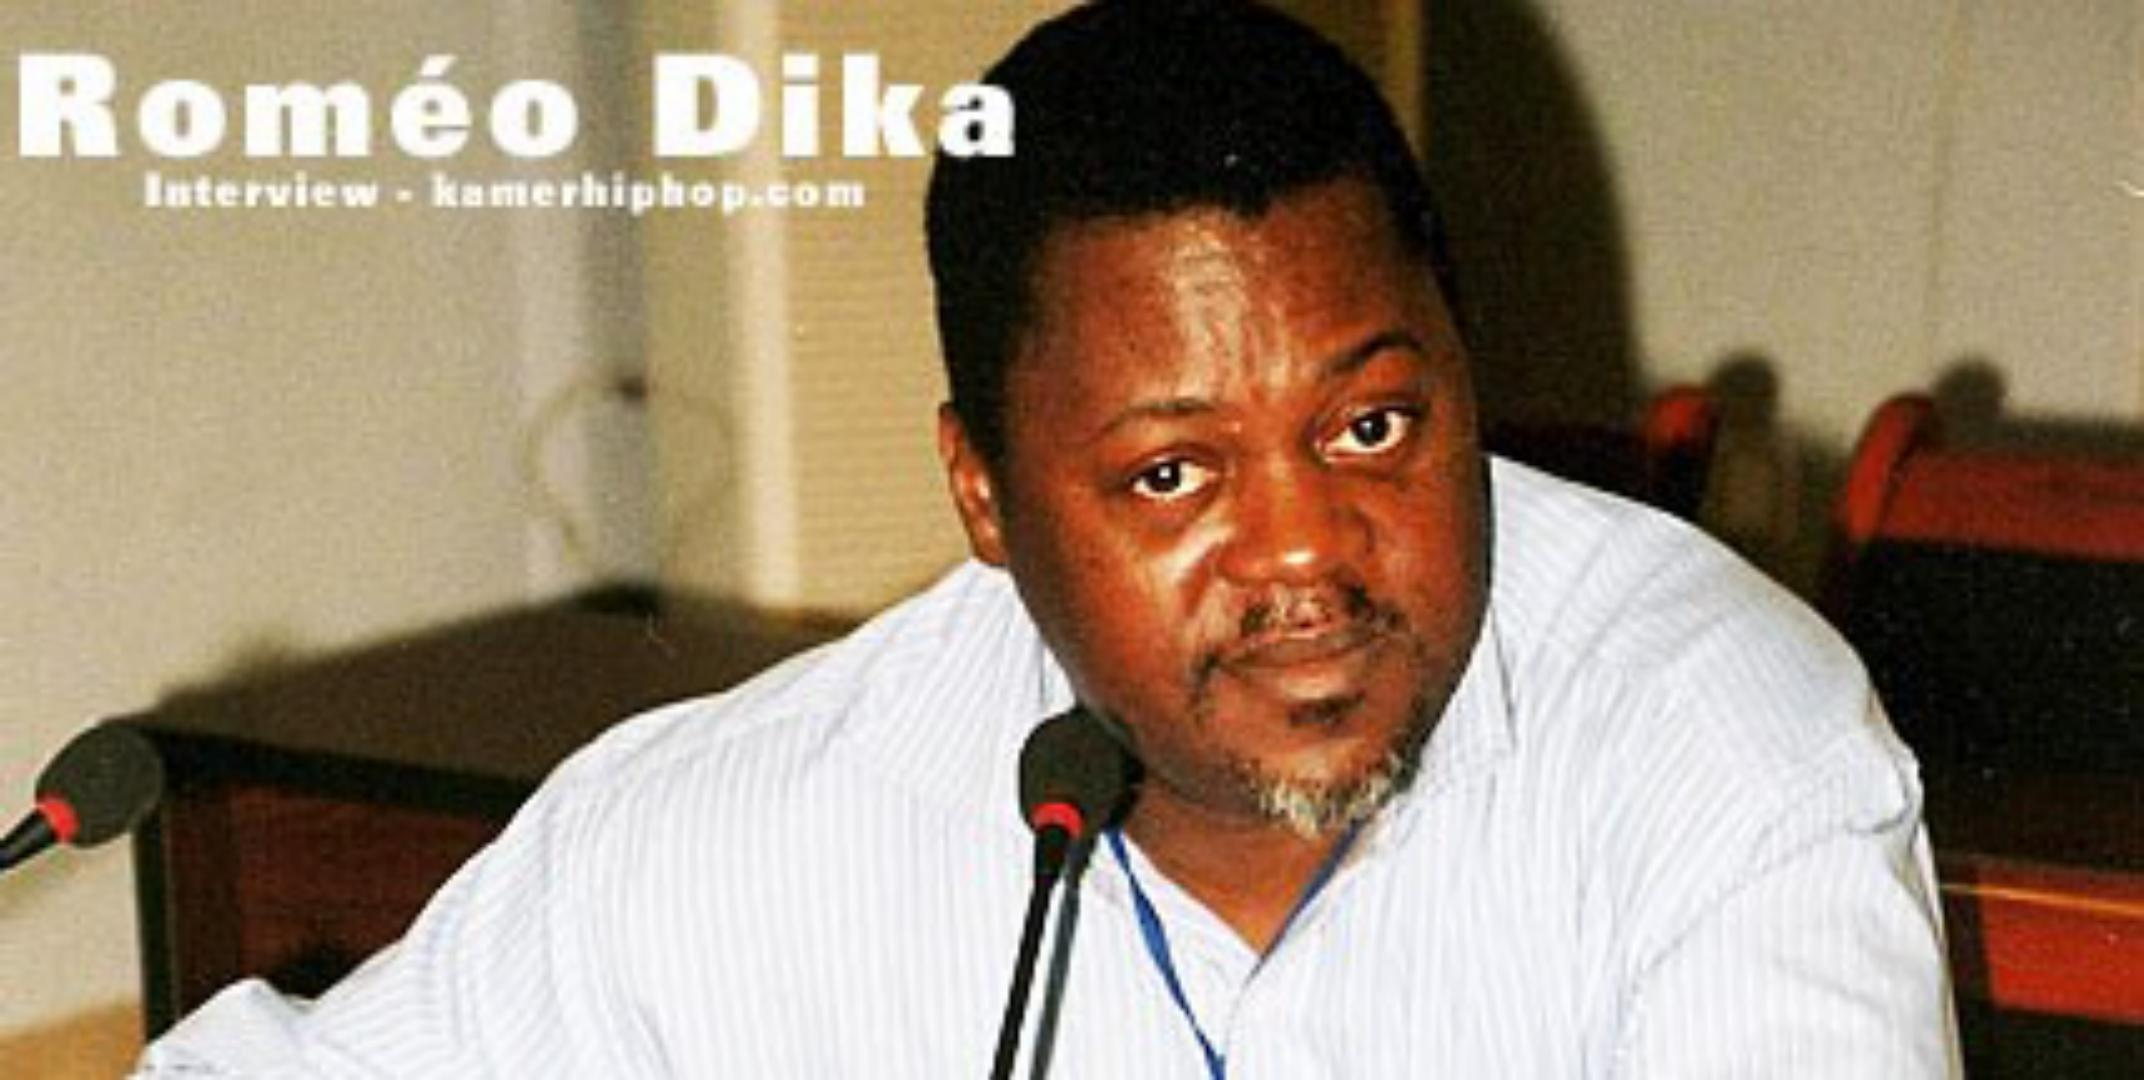 Romeo Dika démissionne du RDPC : « Monsieur le Président National… je fais cadeau à votre parti des 90 000 000 F qui me sont dus depuis 16 ans »